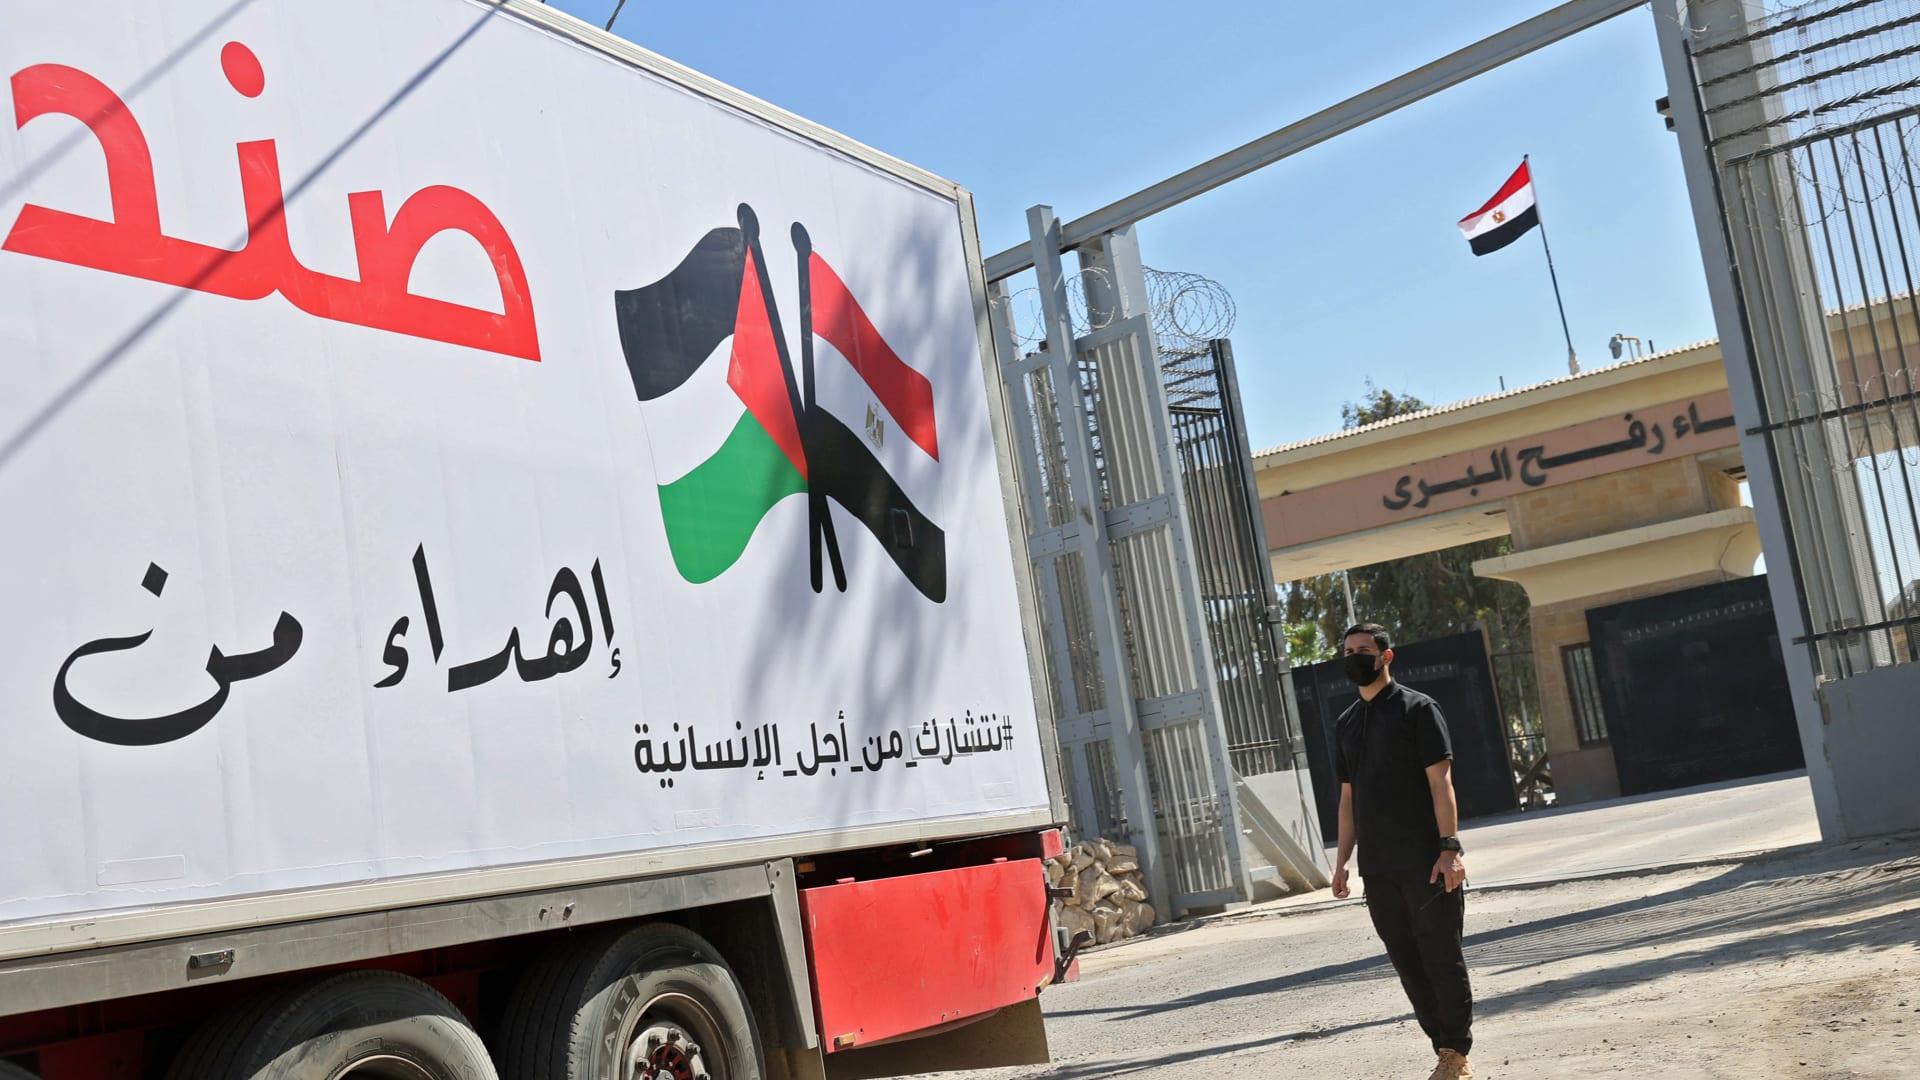 عنصر من قوات الأمن الفلسطينية يقف أمام شاحنة مساعدات مصرية وصلت إلى معبر رفح الحدودي الذي يربط قطاع غزة بمصر، في 23 مايو 2021